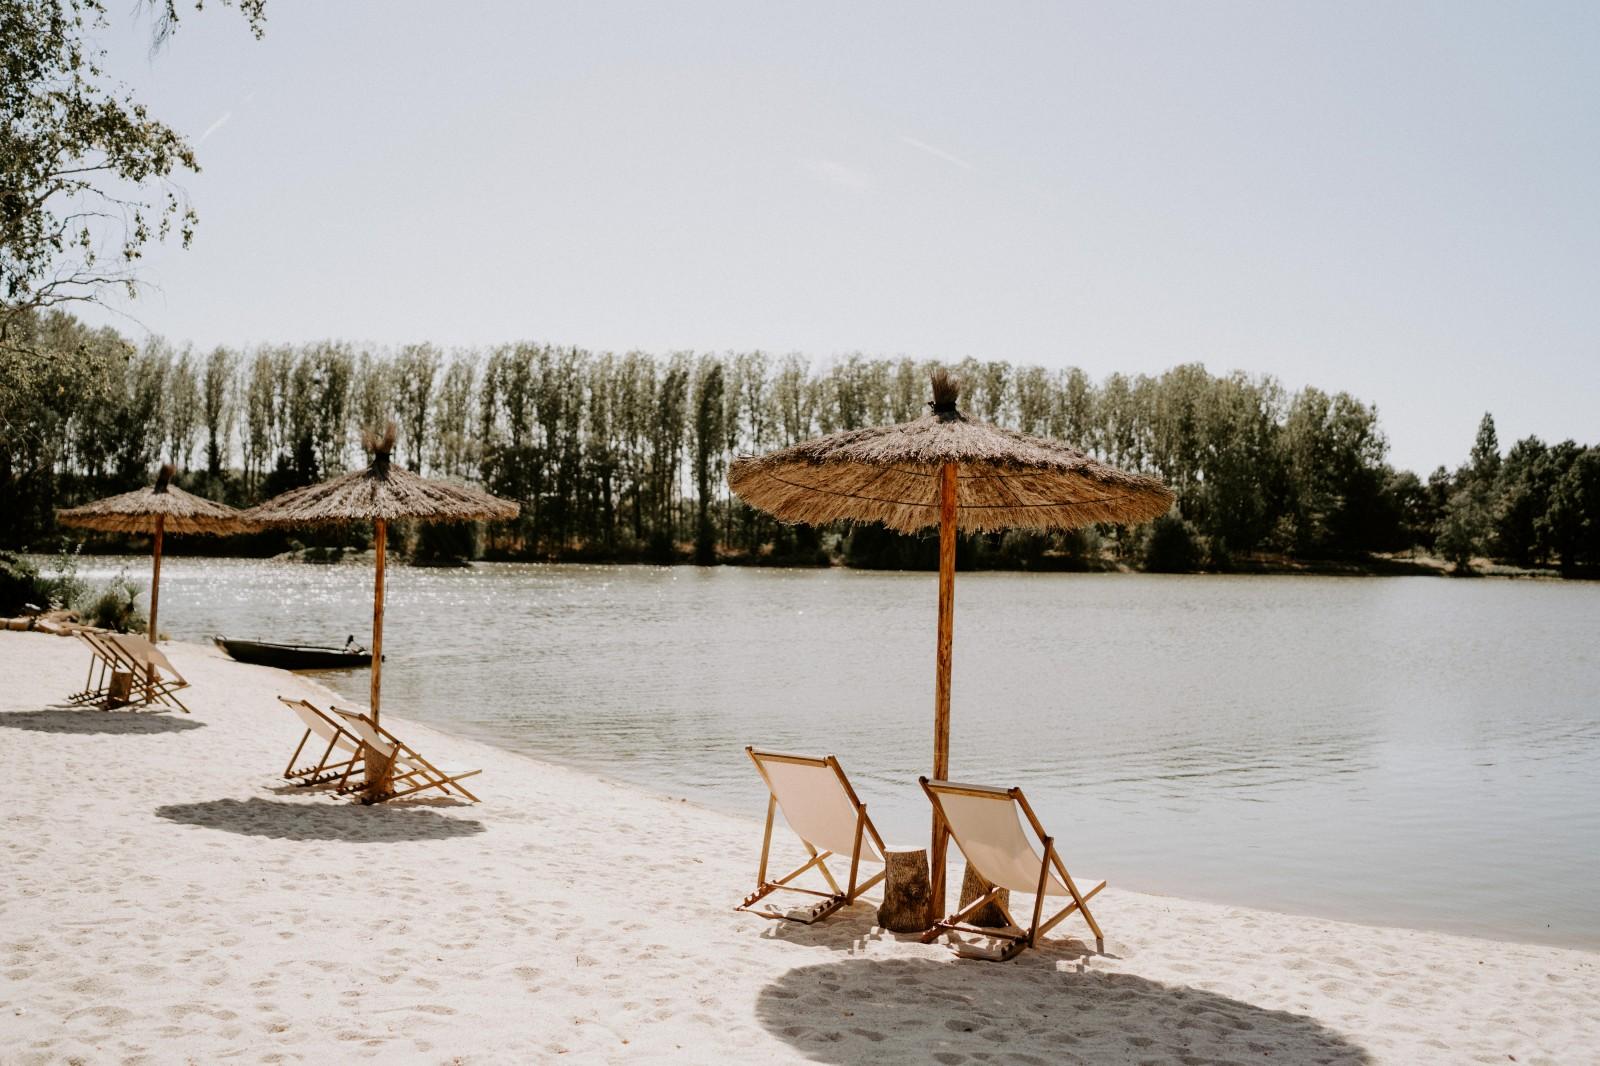 Le domaine au détour de l'ile est situé a 20 minutes de Nantes et dispose d'une plage privé.